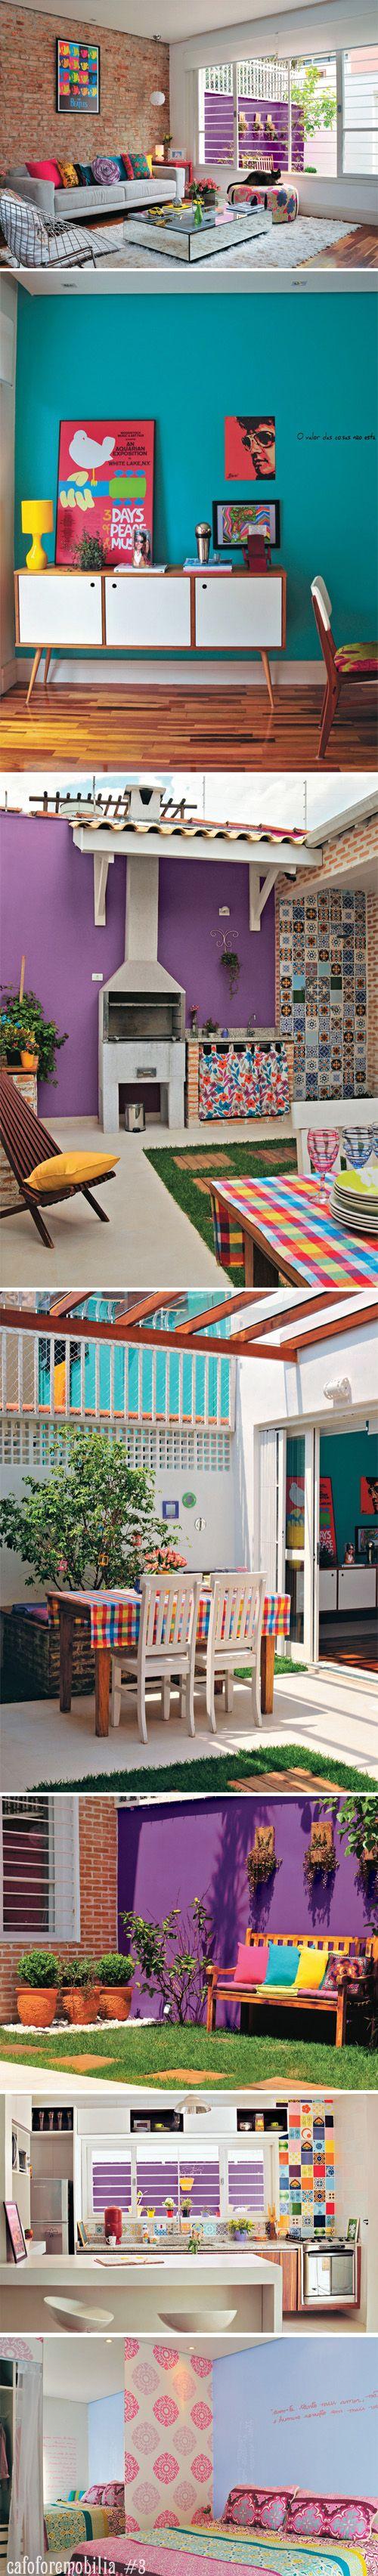 Amo cores, muitas cores! Meu sonho para minha própria casa.